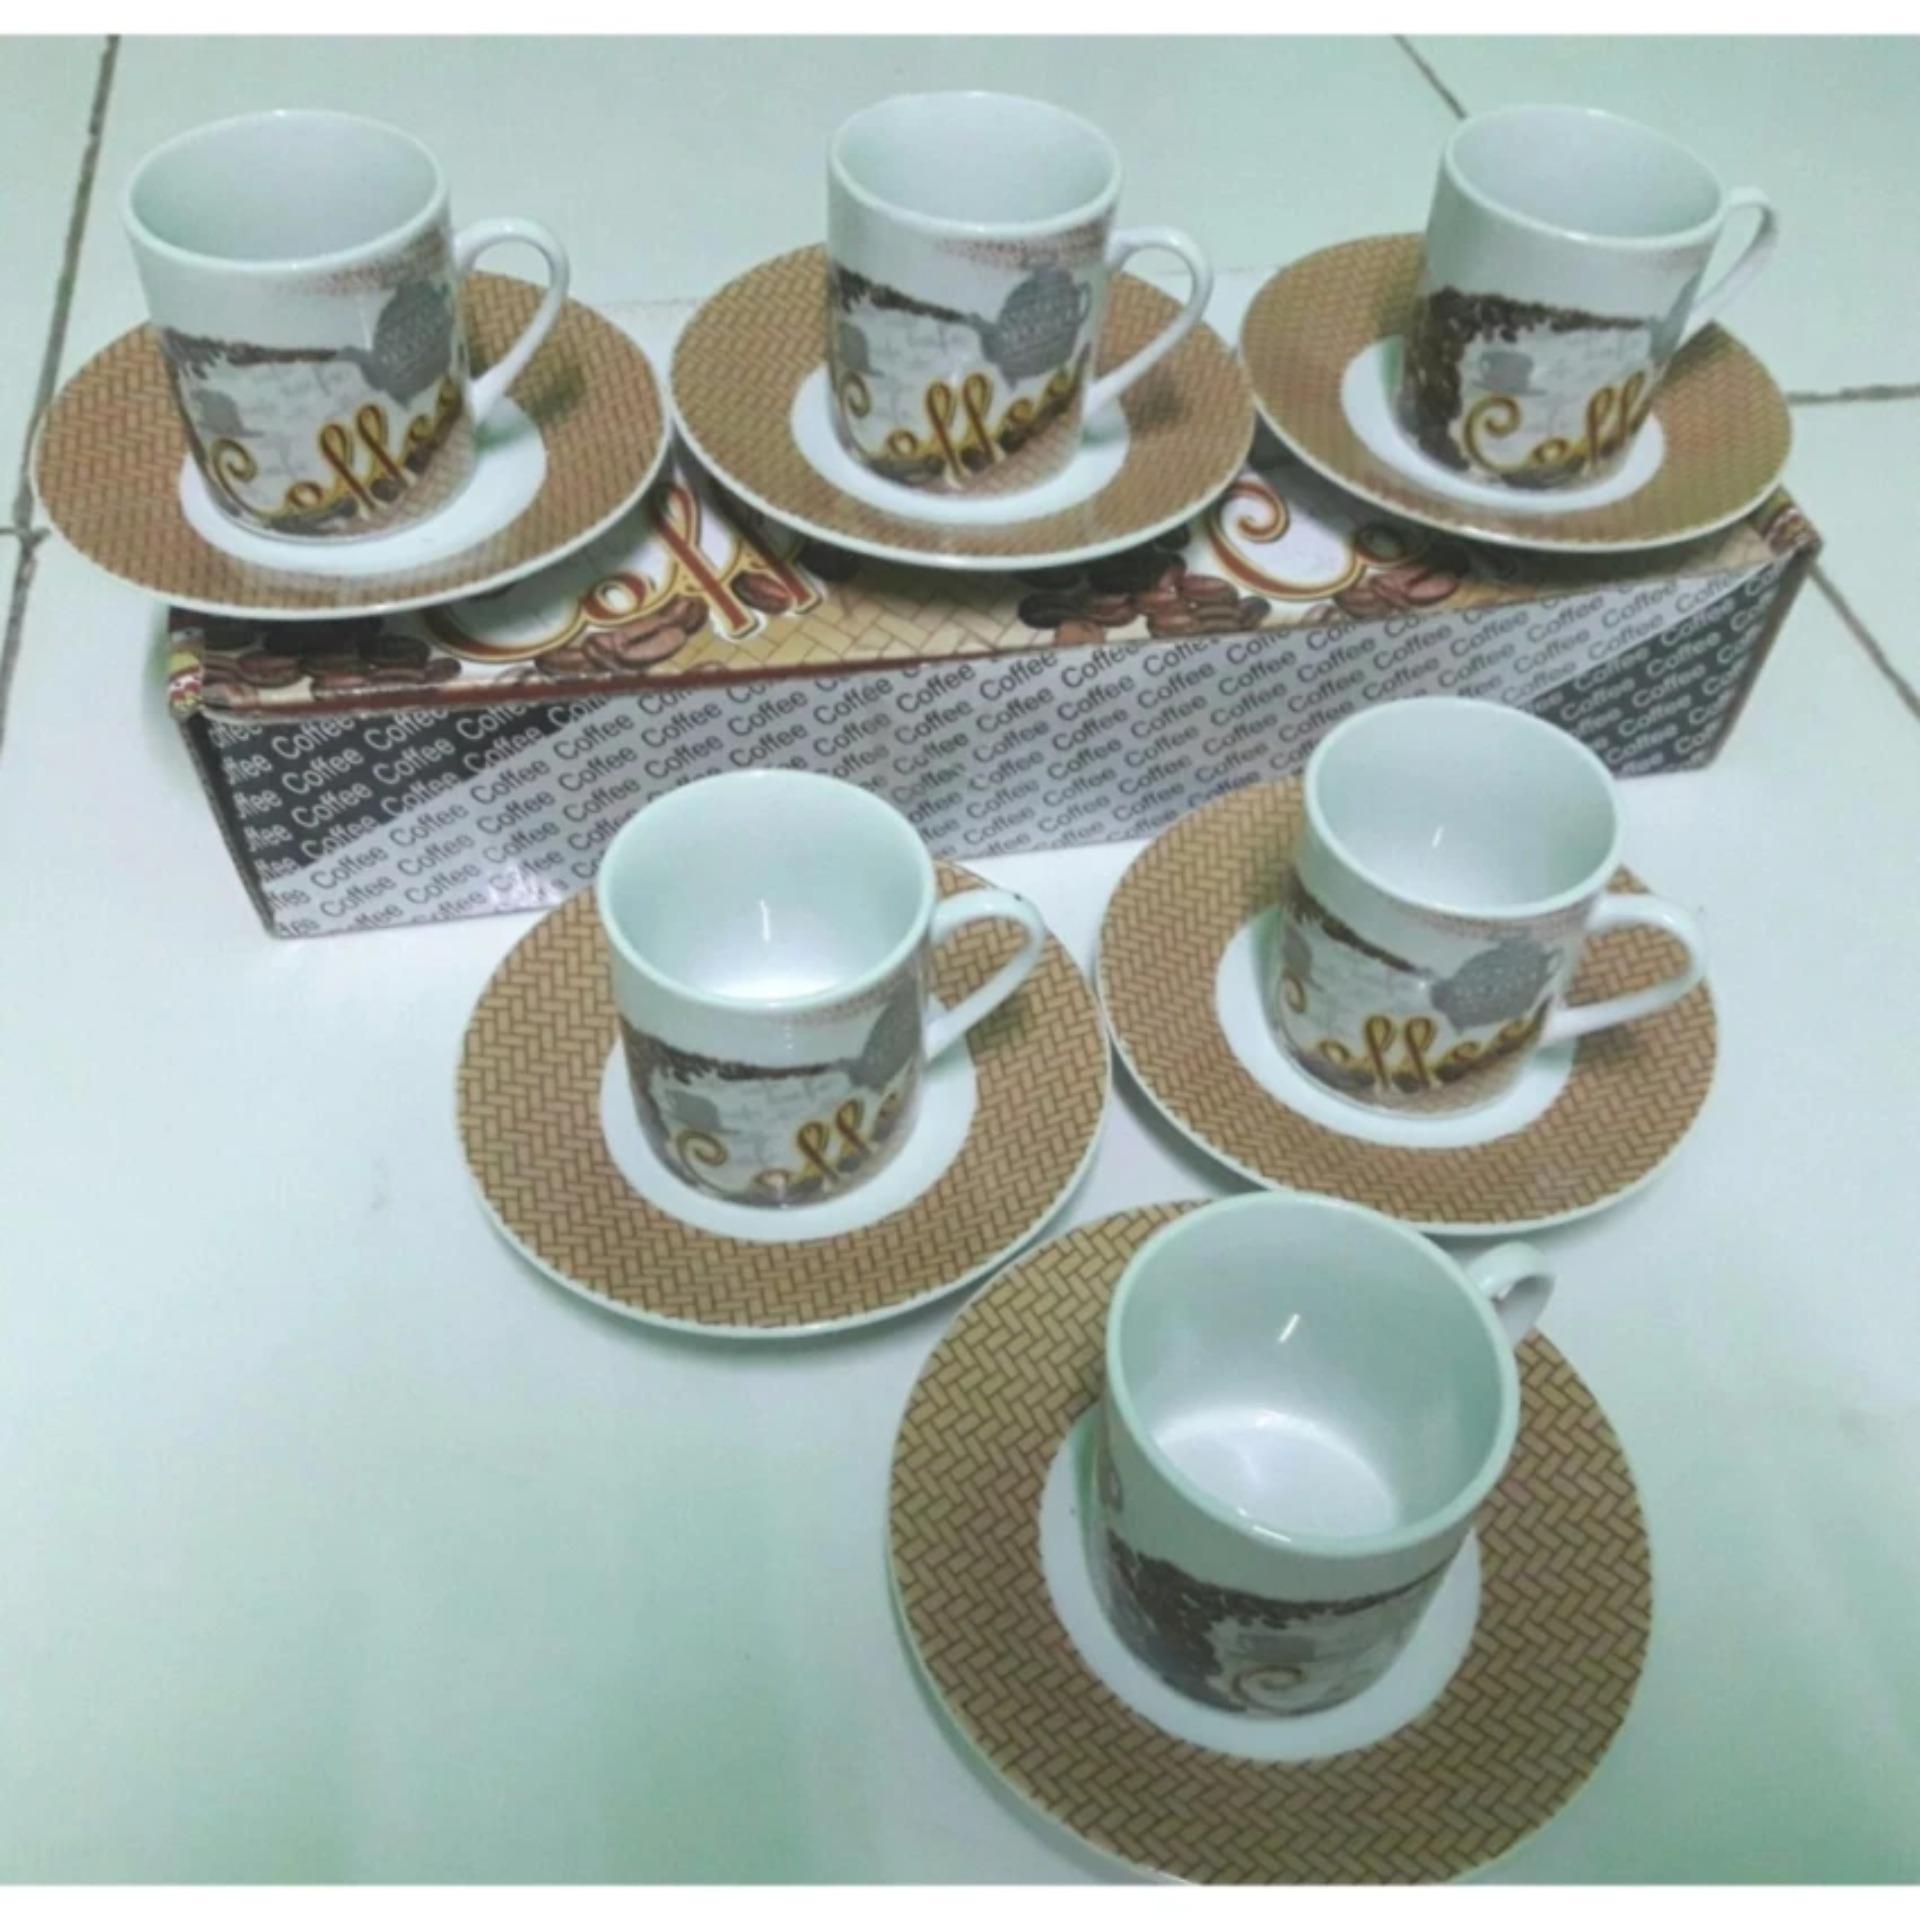 3m Scotch Brite Sabut Cuci Piring Dan Gelas Id30 Daftar Harga Pendorong Air Jendela Eceran Id 773 Spons 37ass Source Coffee